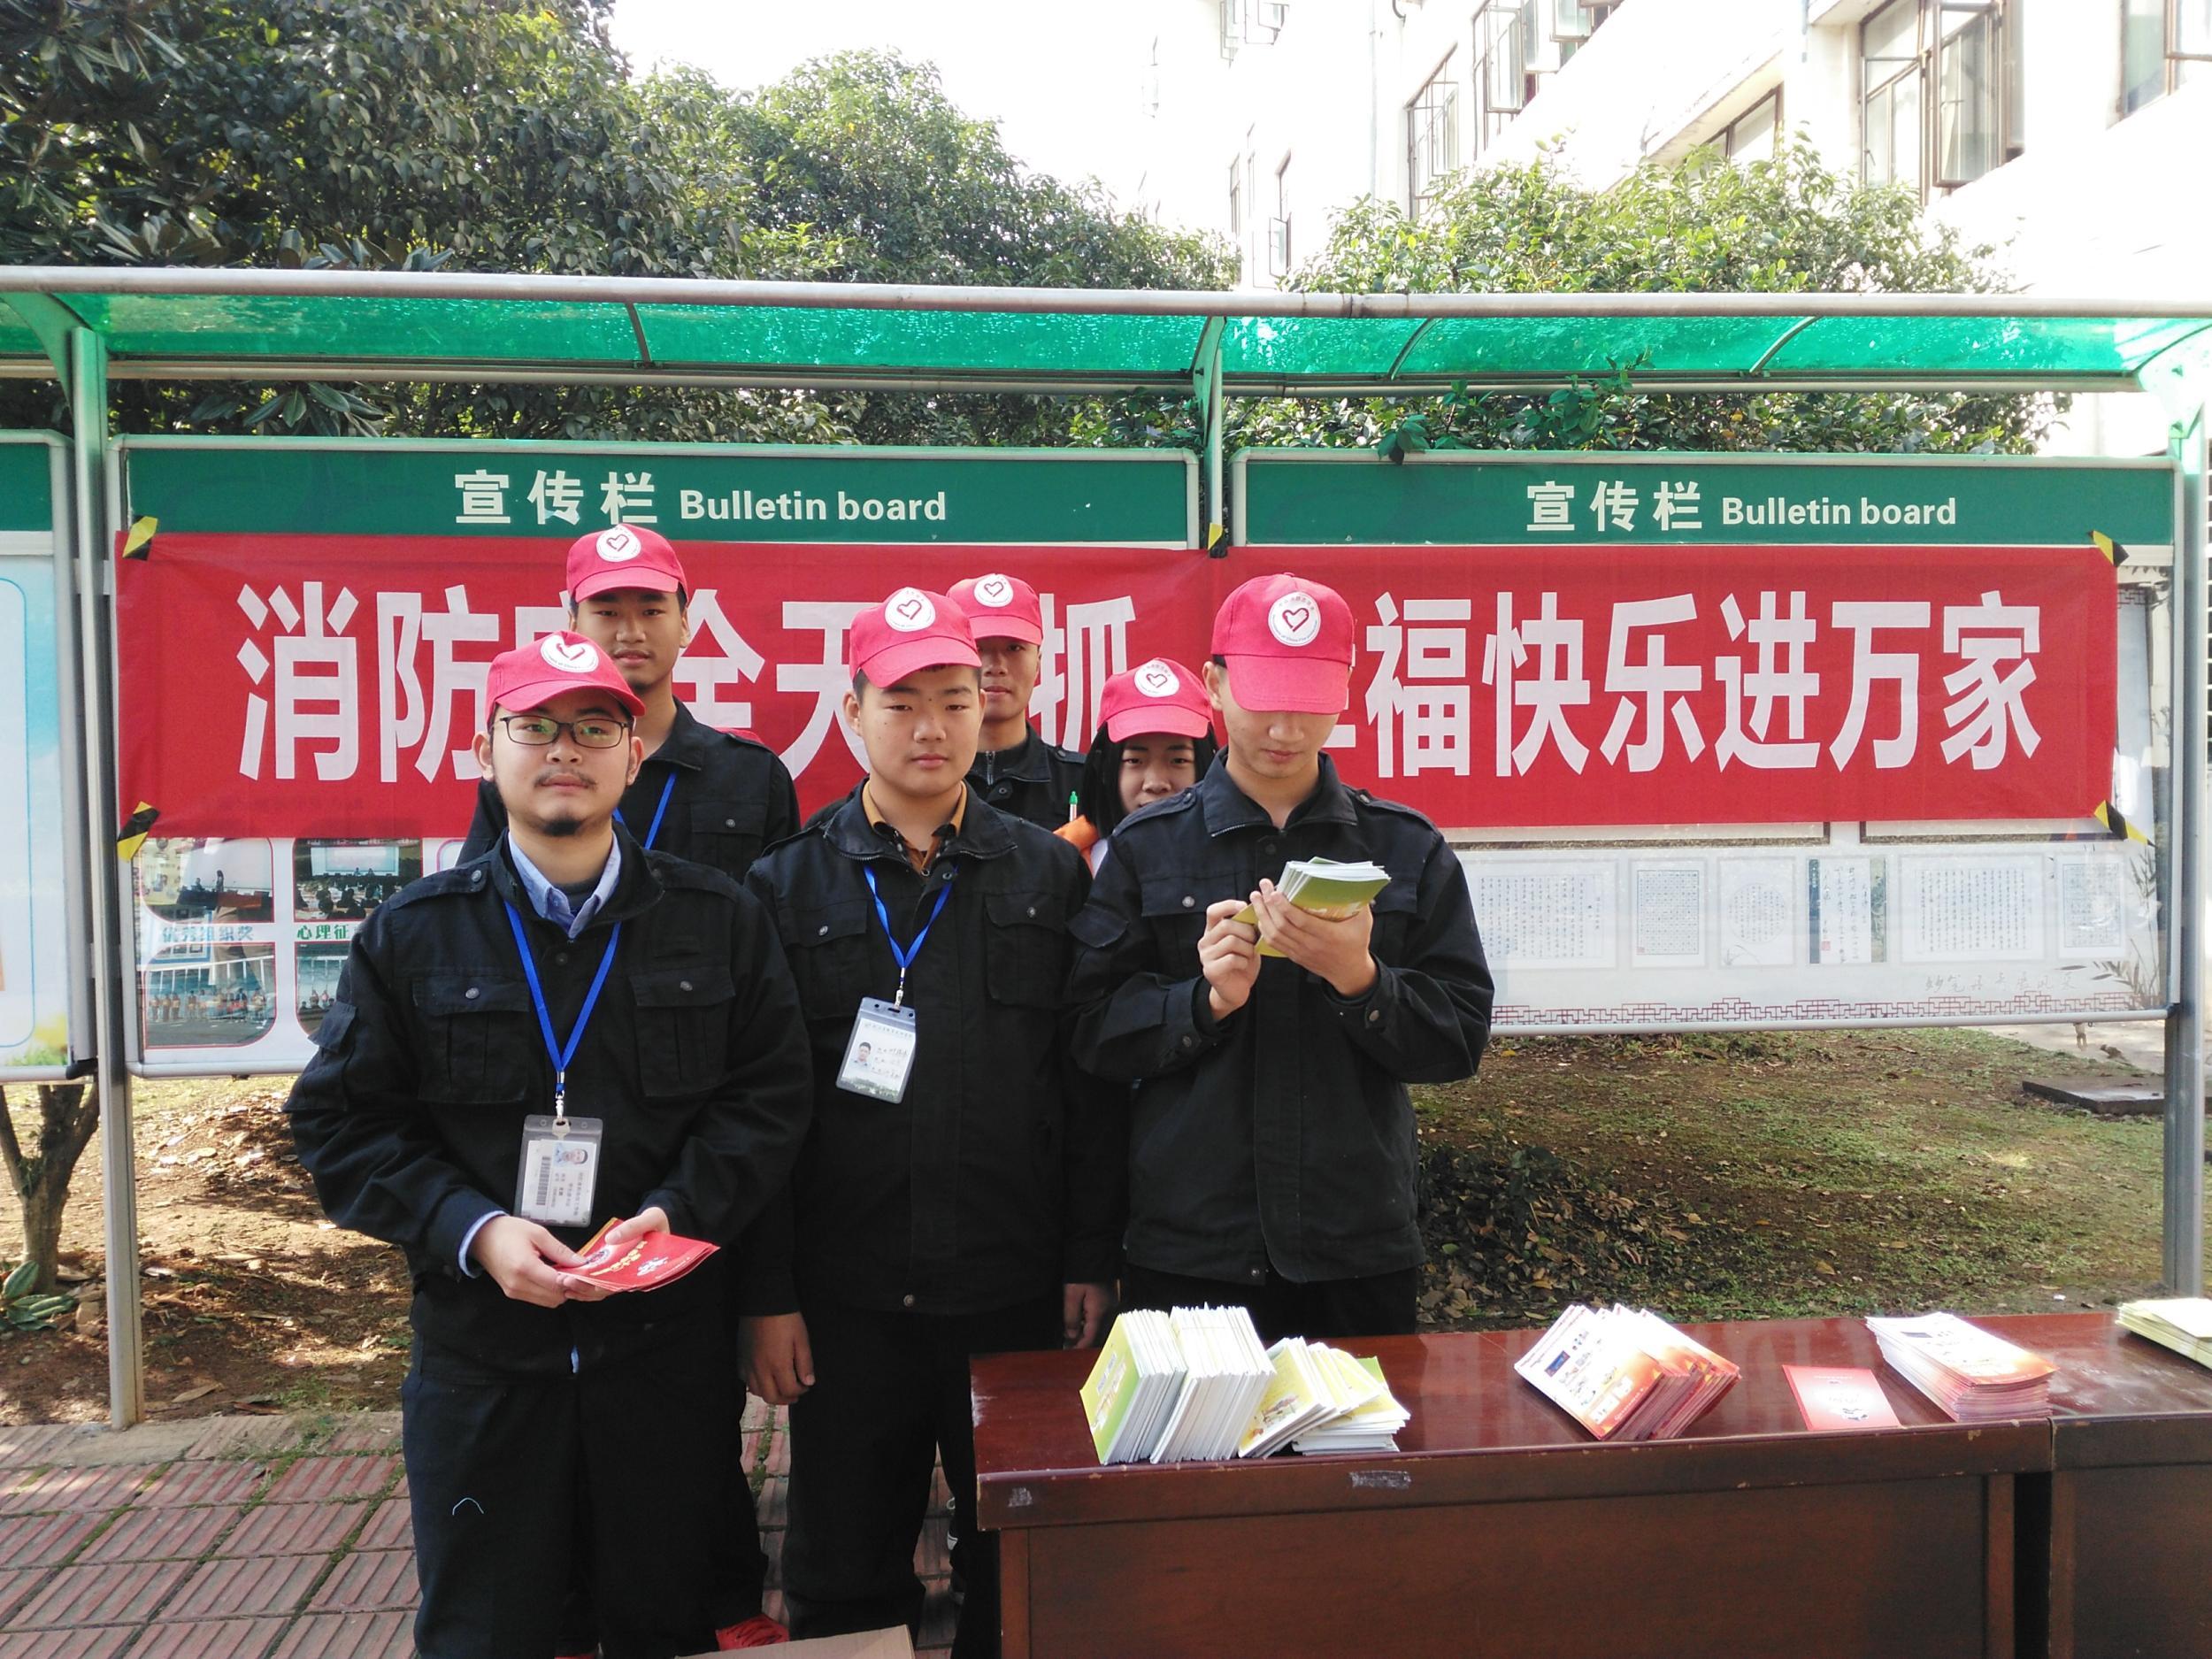 第十一期 浙江省机电技师学院安全生产与信息管理处处长丁彬彬谈校园消防安全工作